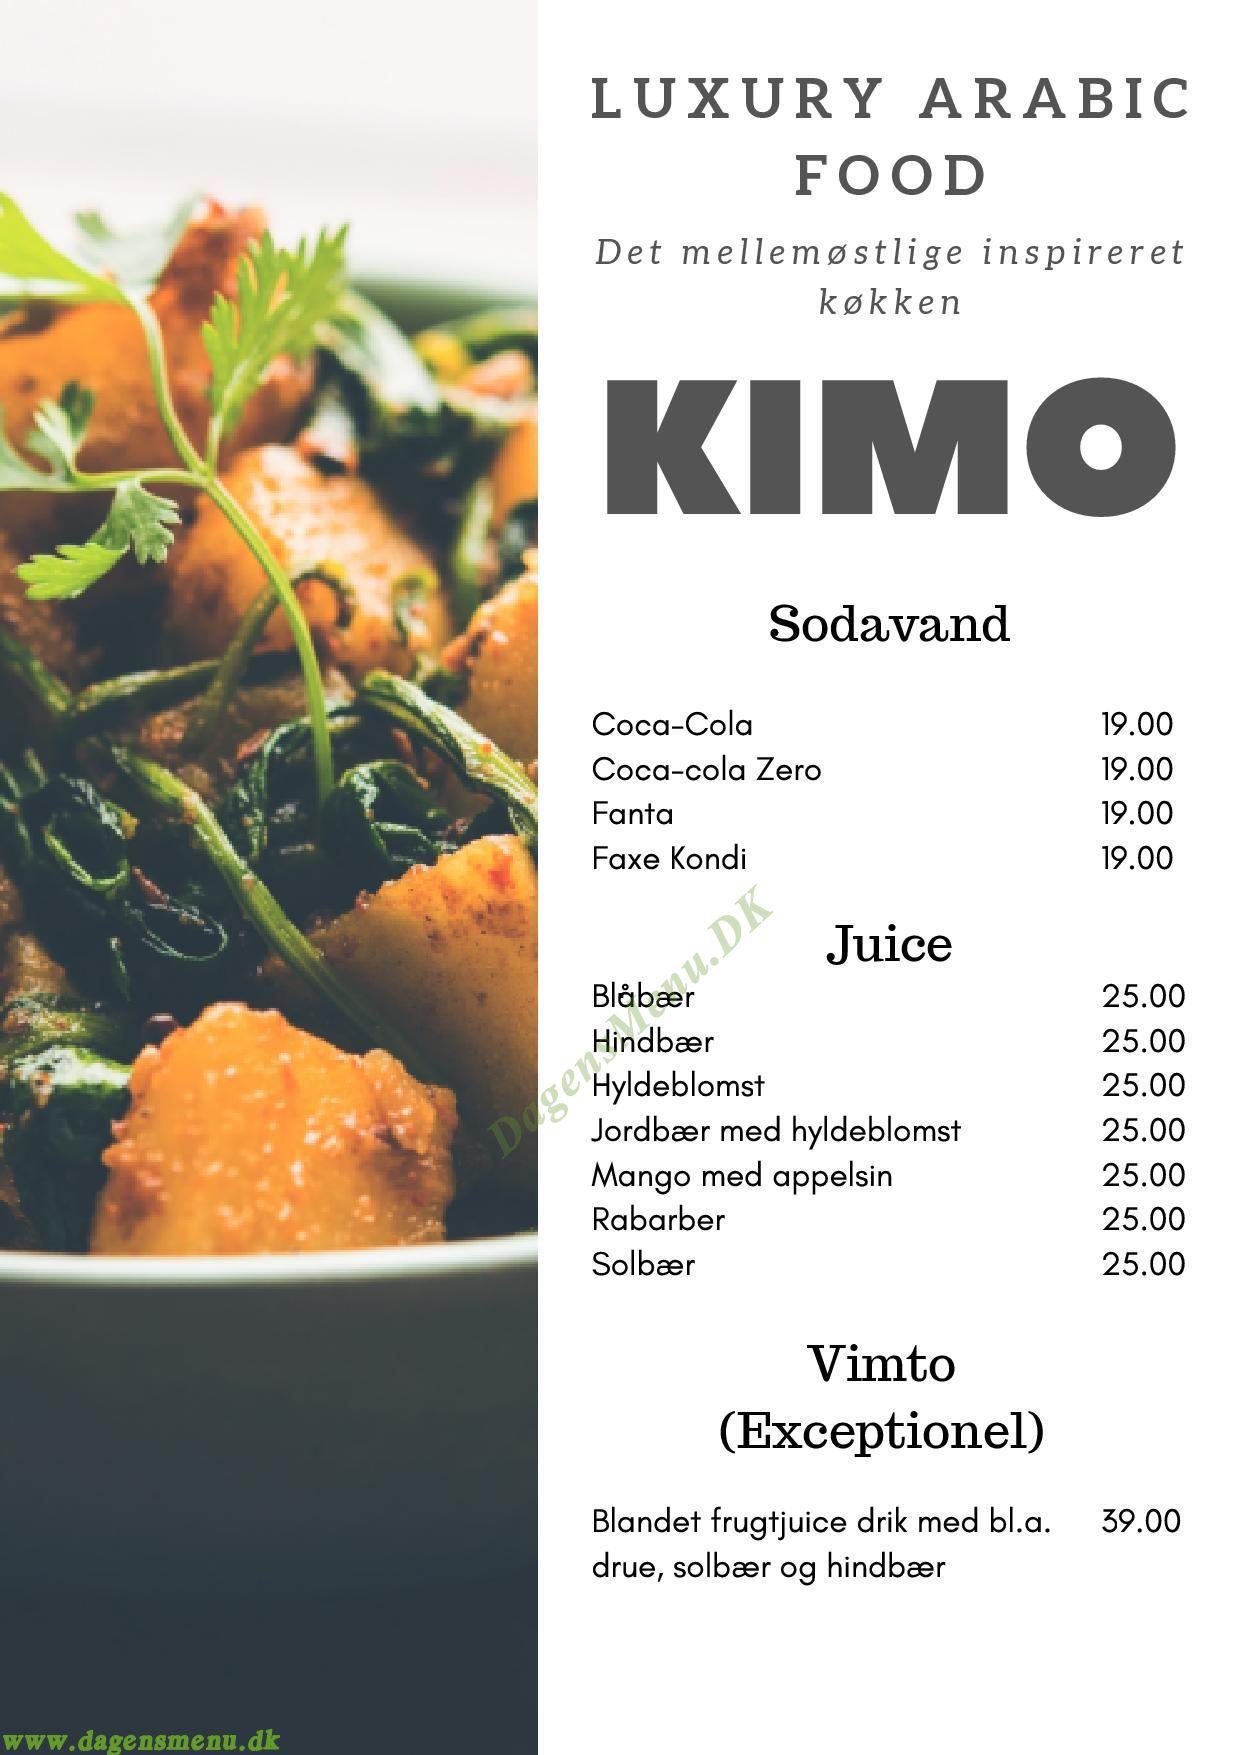 Kimo - Arabic Luxury Food - Menukort